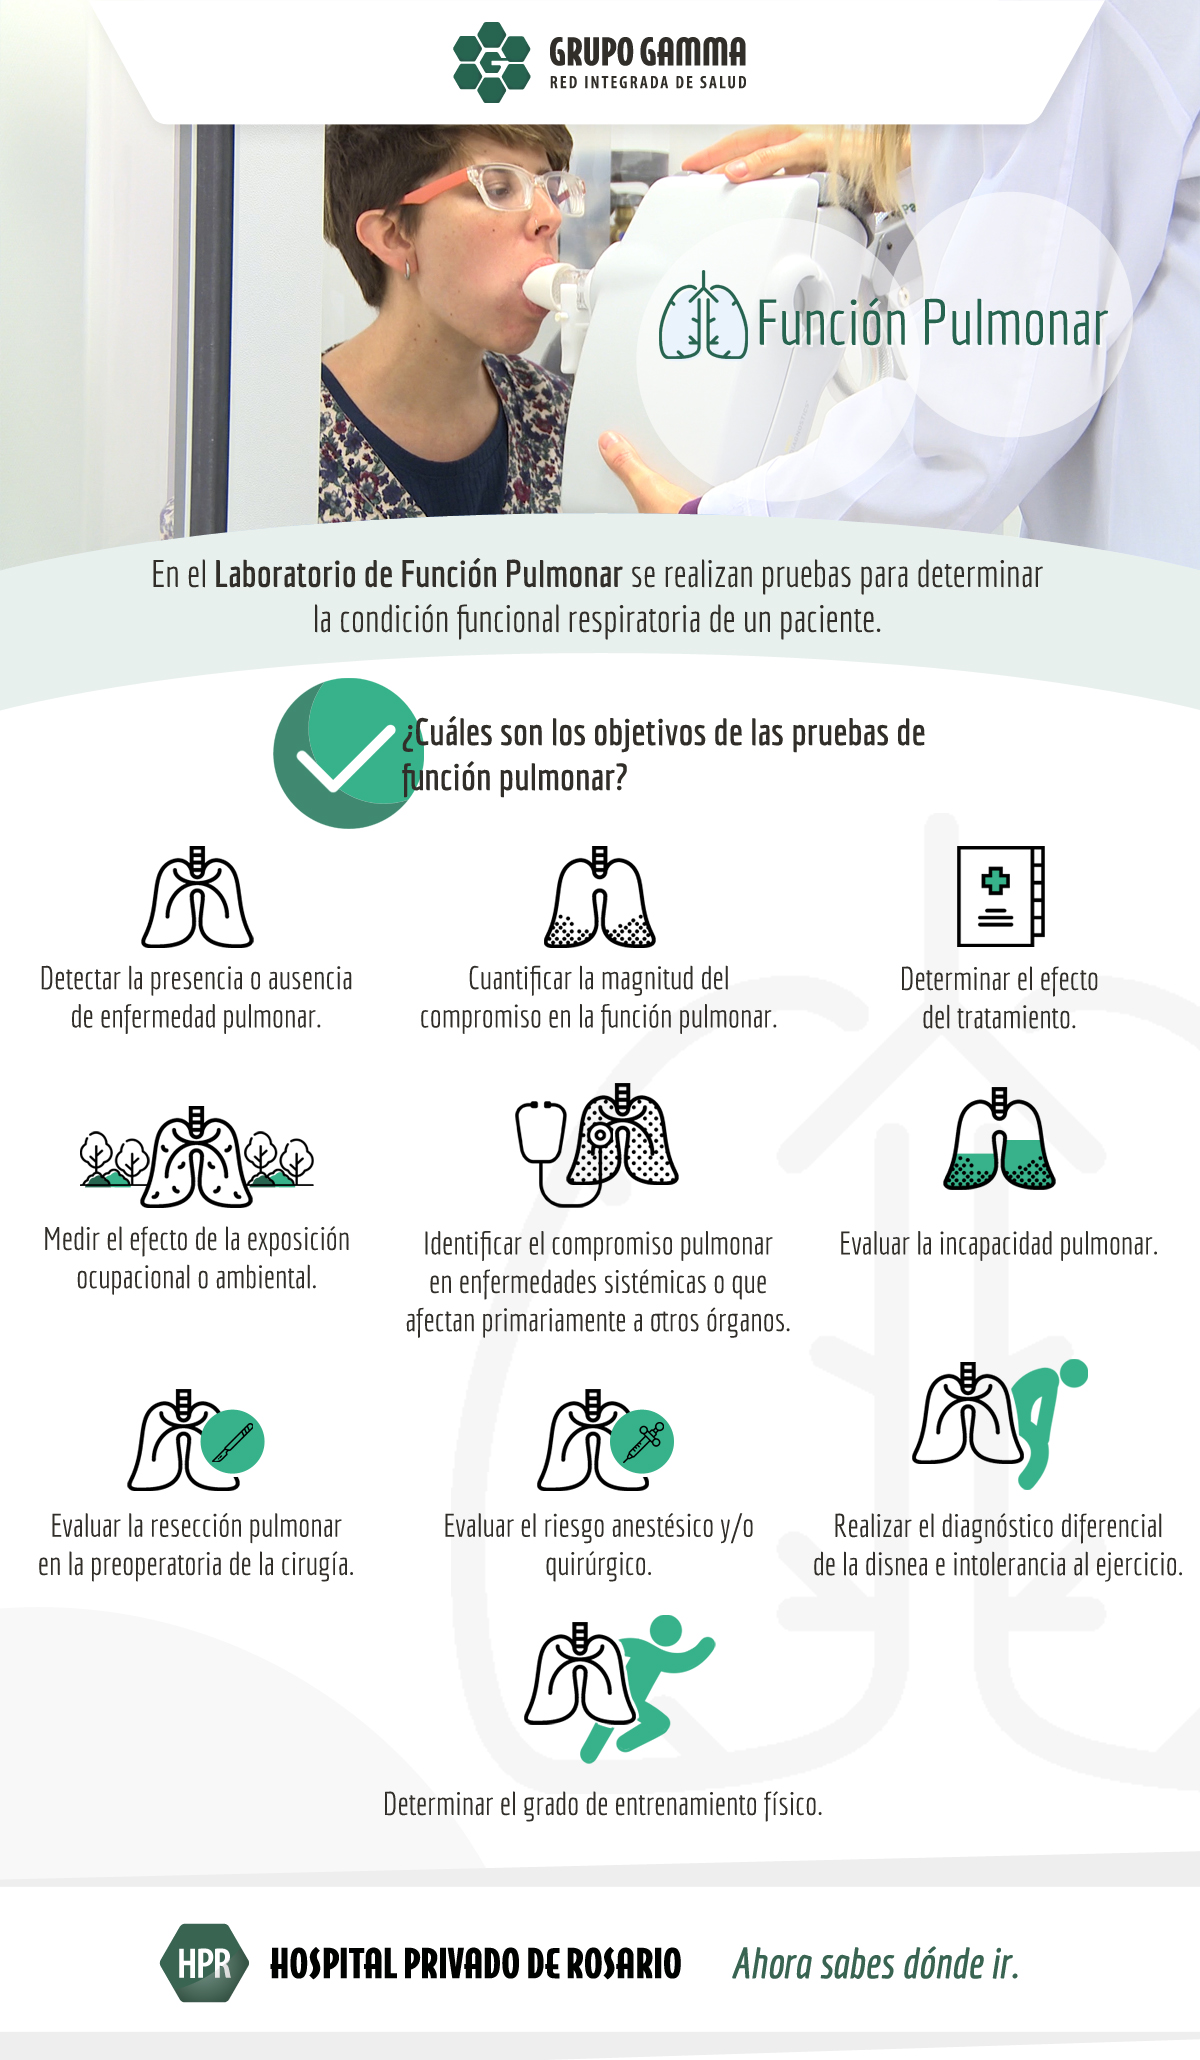 Grupo Gamma incorpora un Laboratorio de Función Pulmonar en el Hospital Privado de Rosario